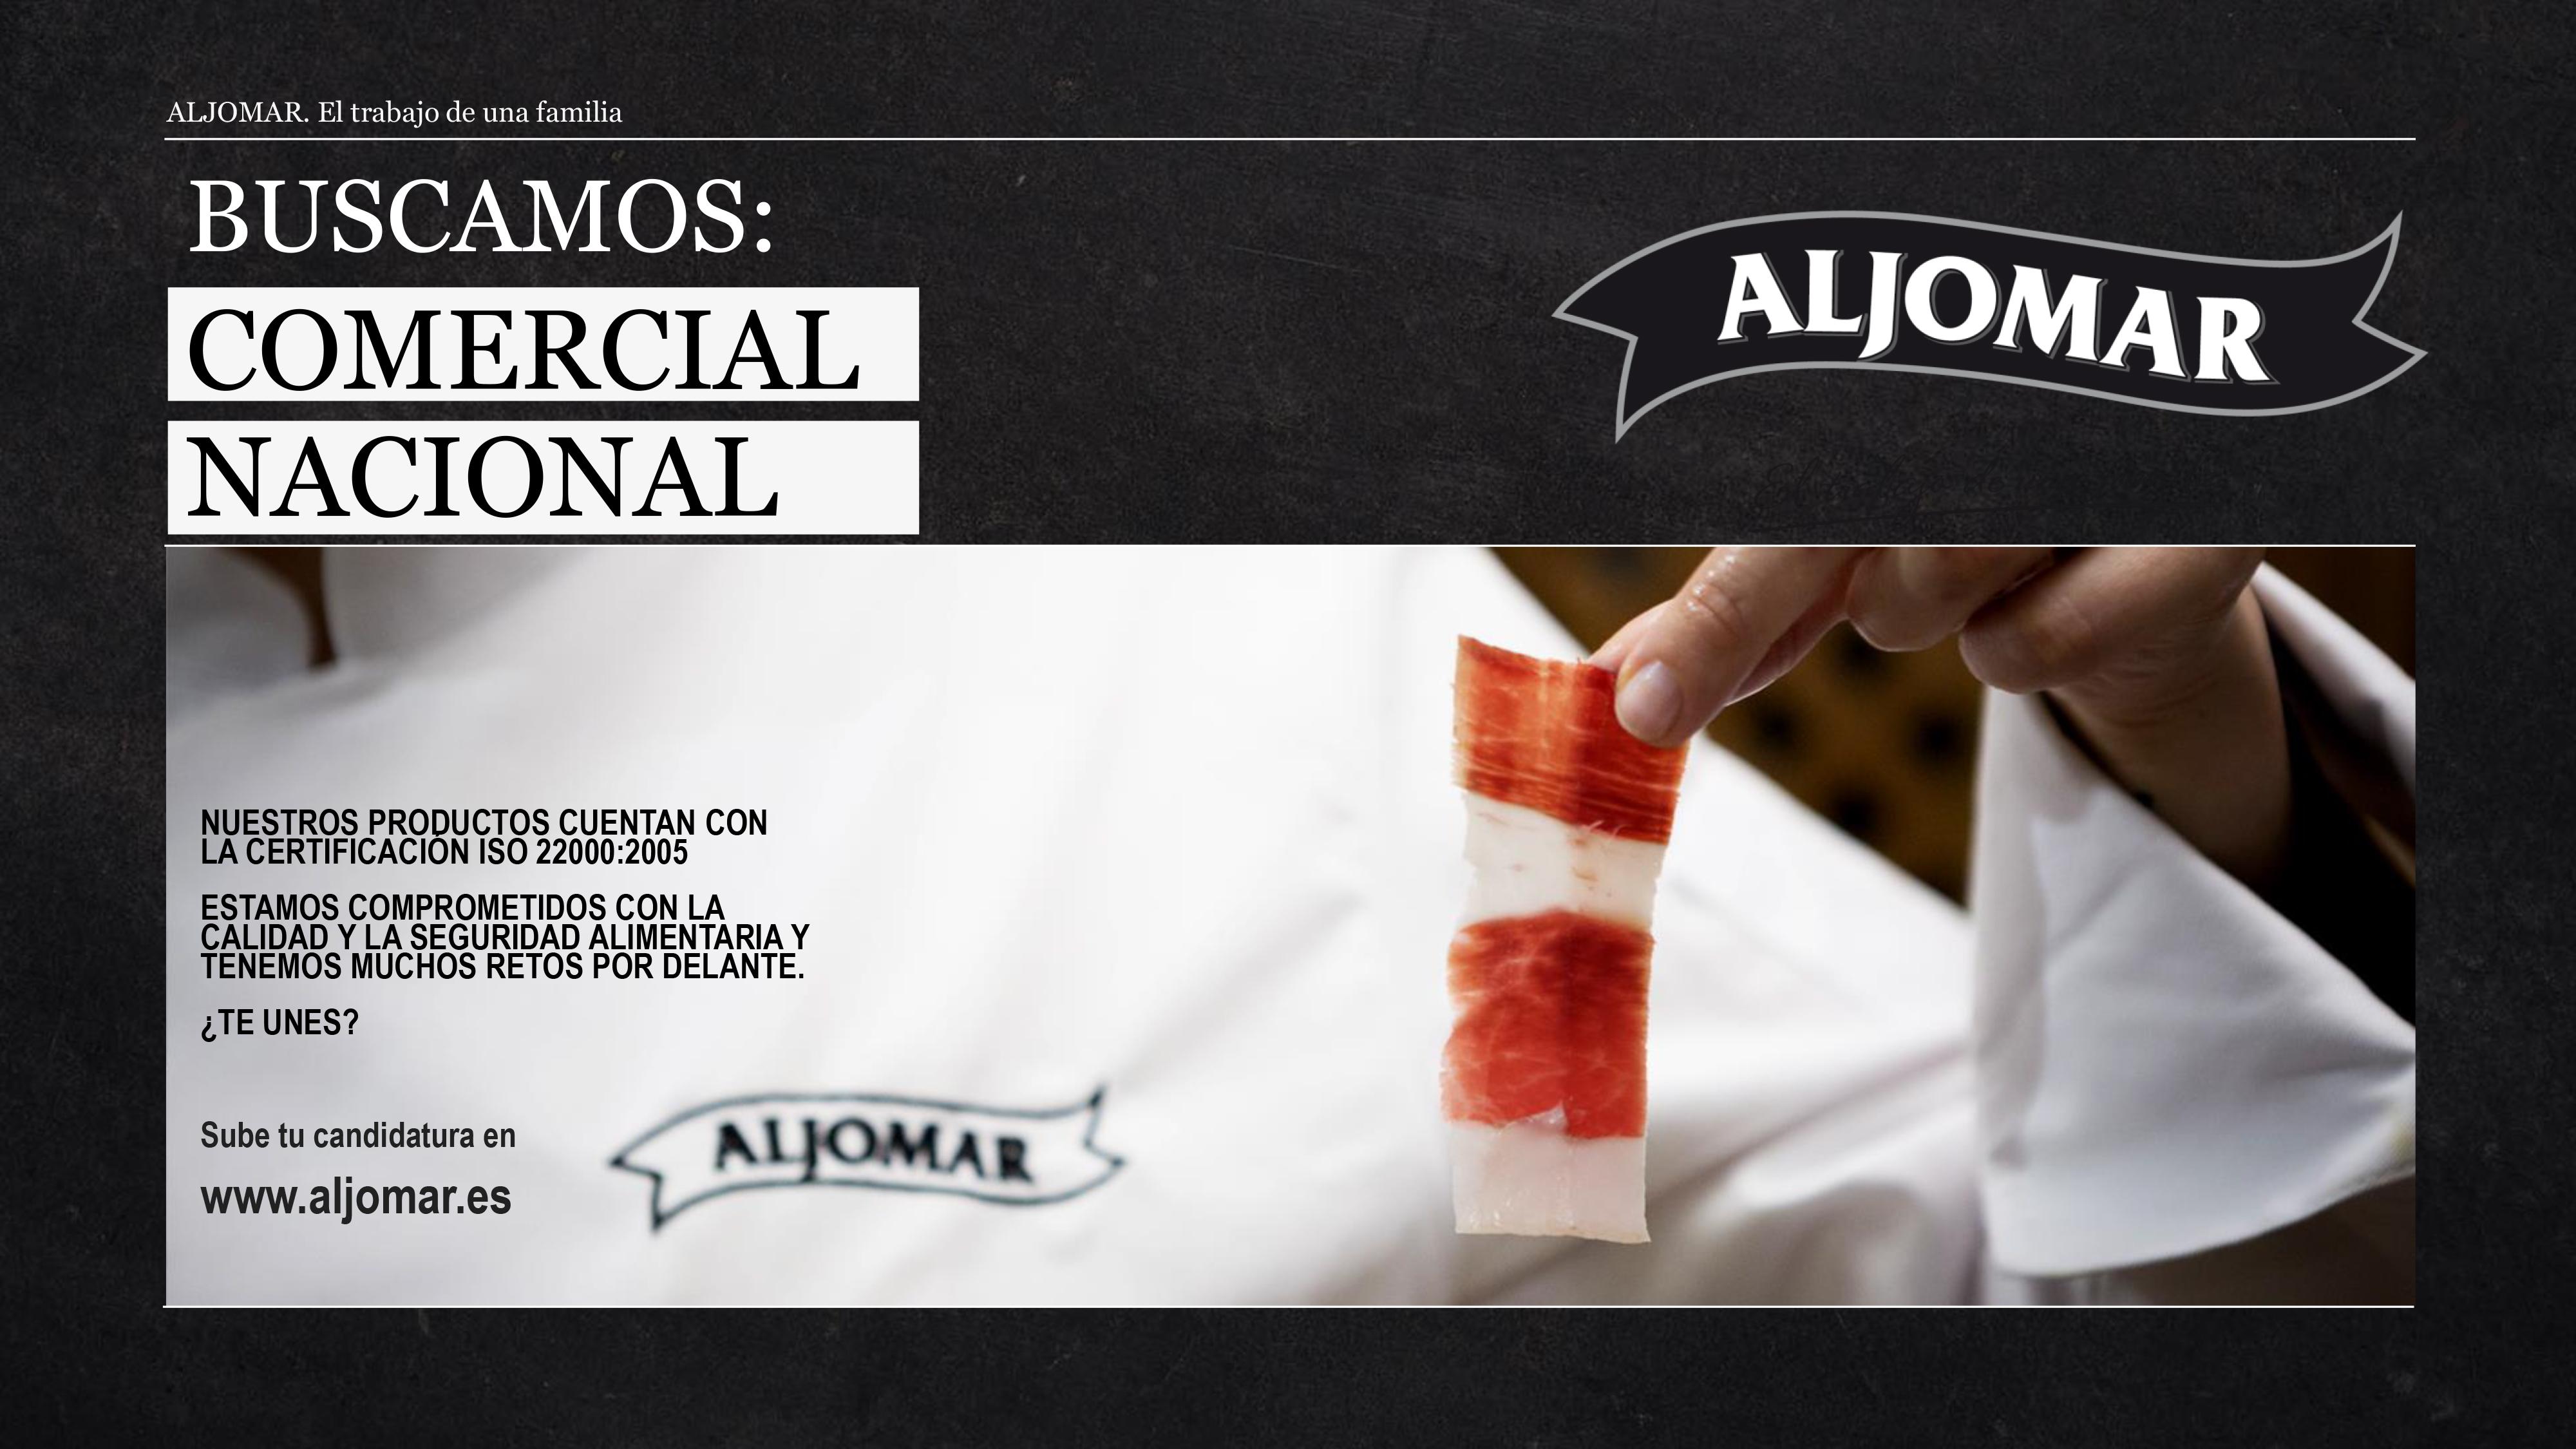 BUSCAMOS comercial nacional_1.jpg